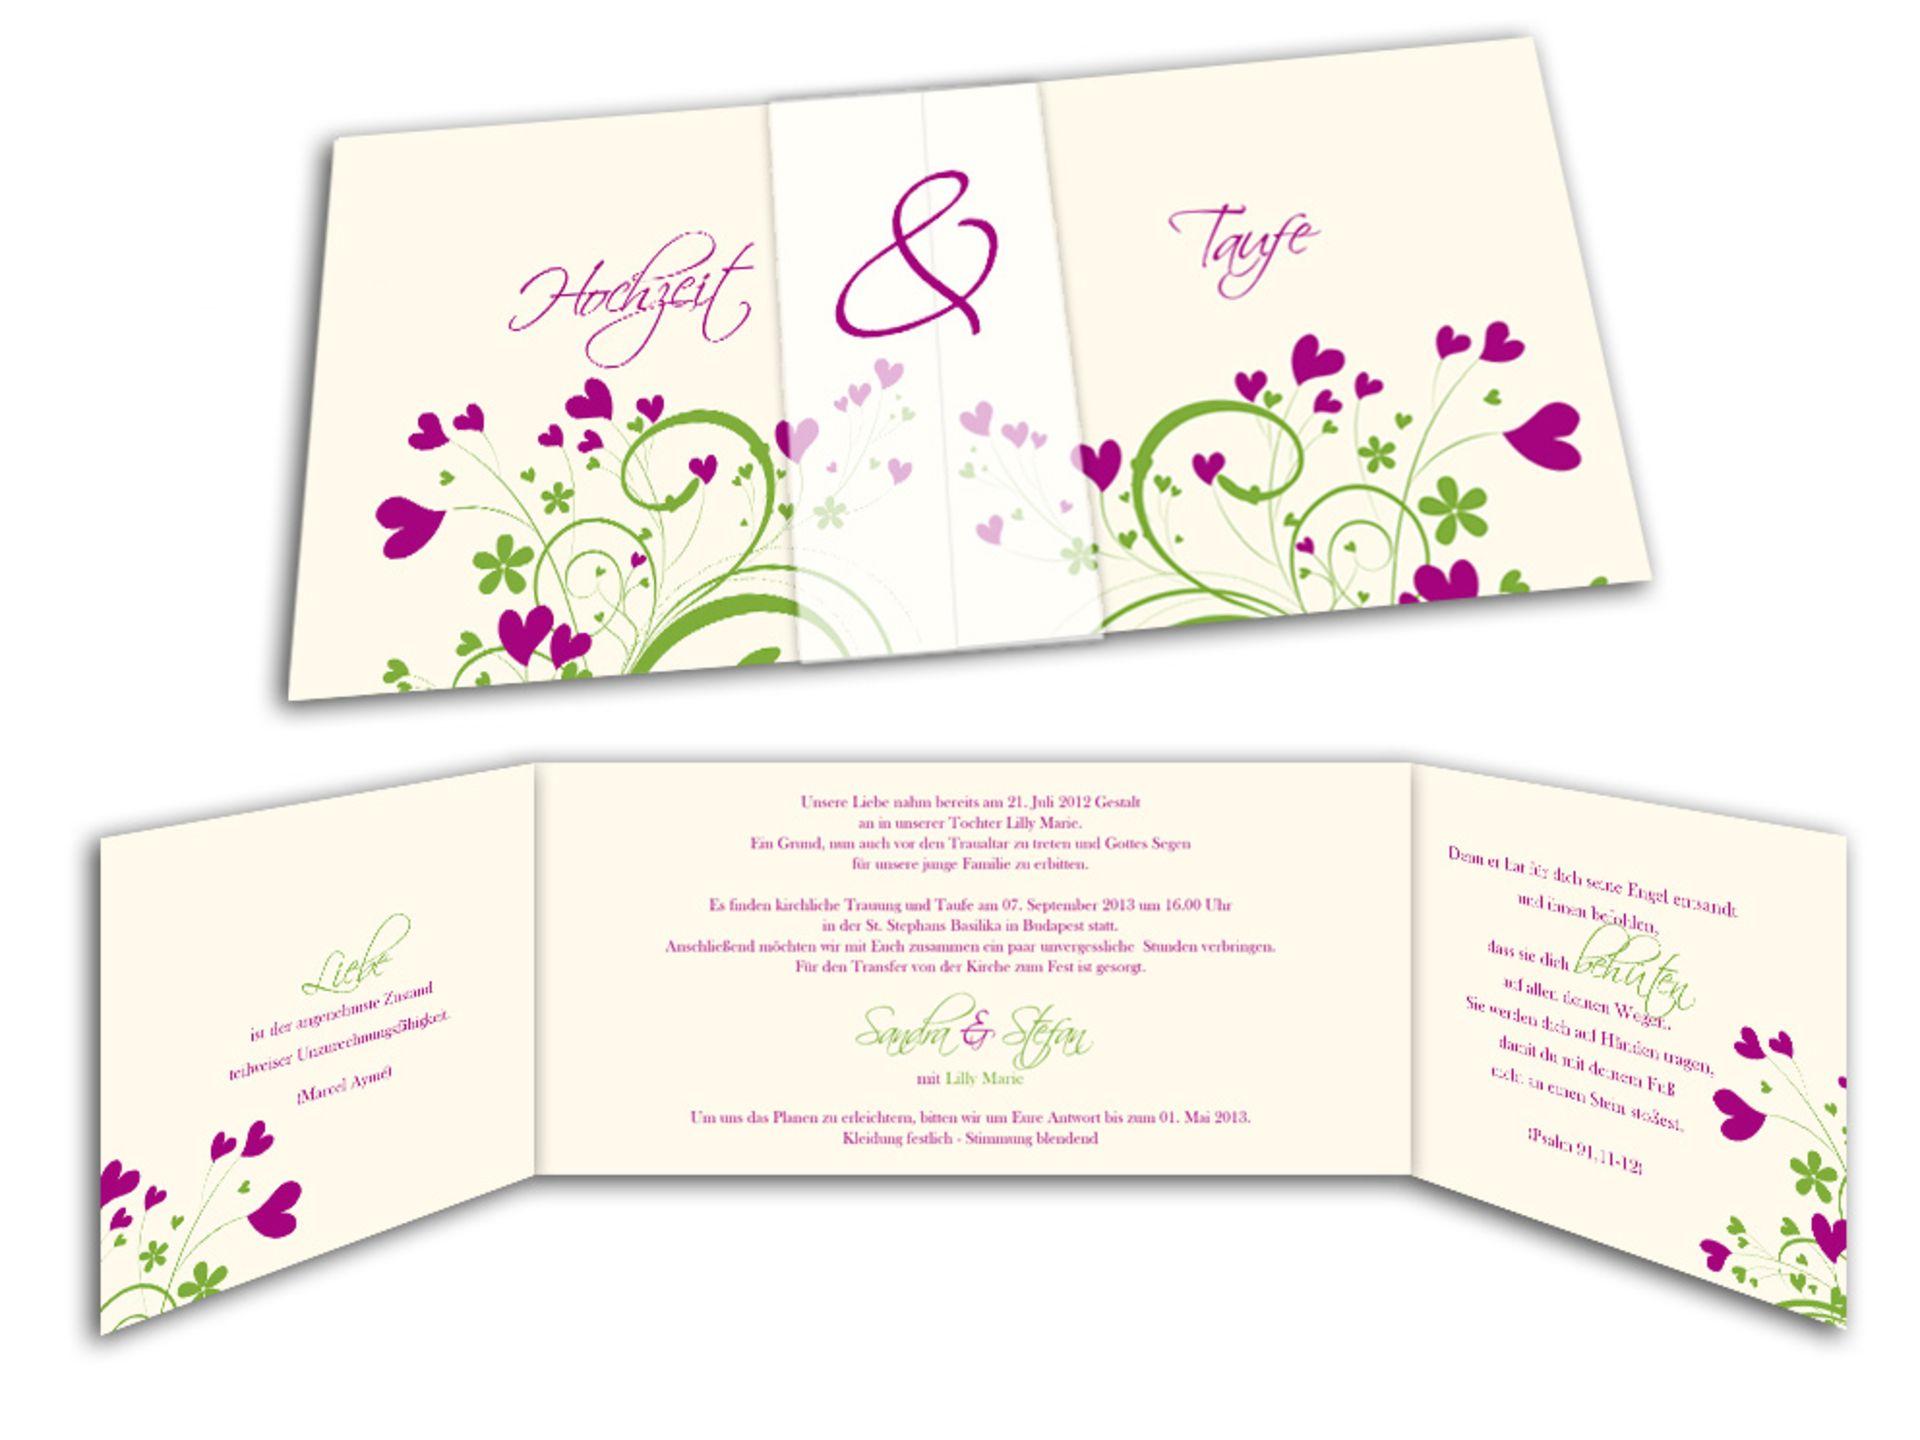 spezielle einladungskarten für eine hochzeit mit taufe, Einladung